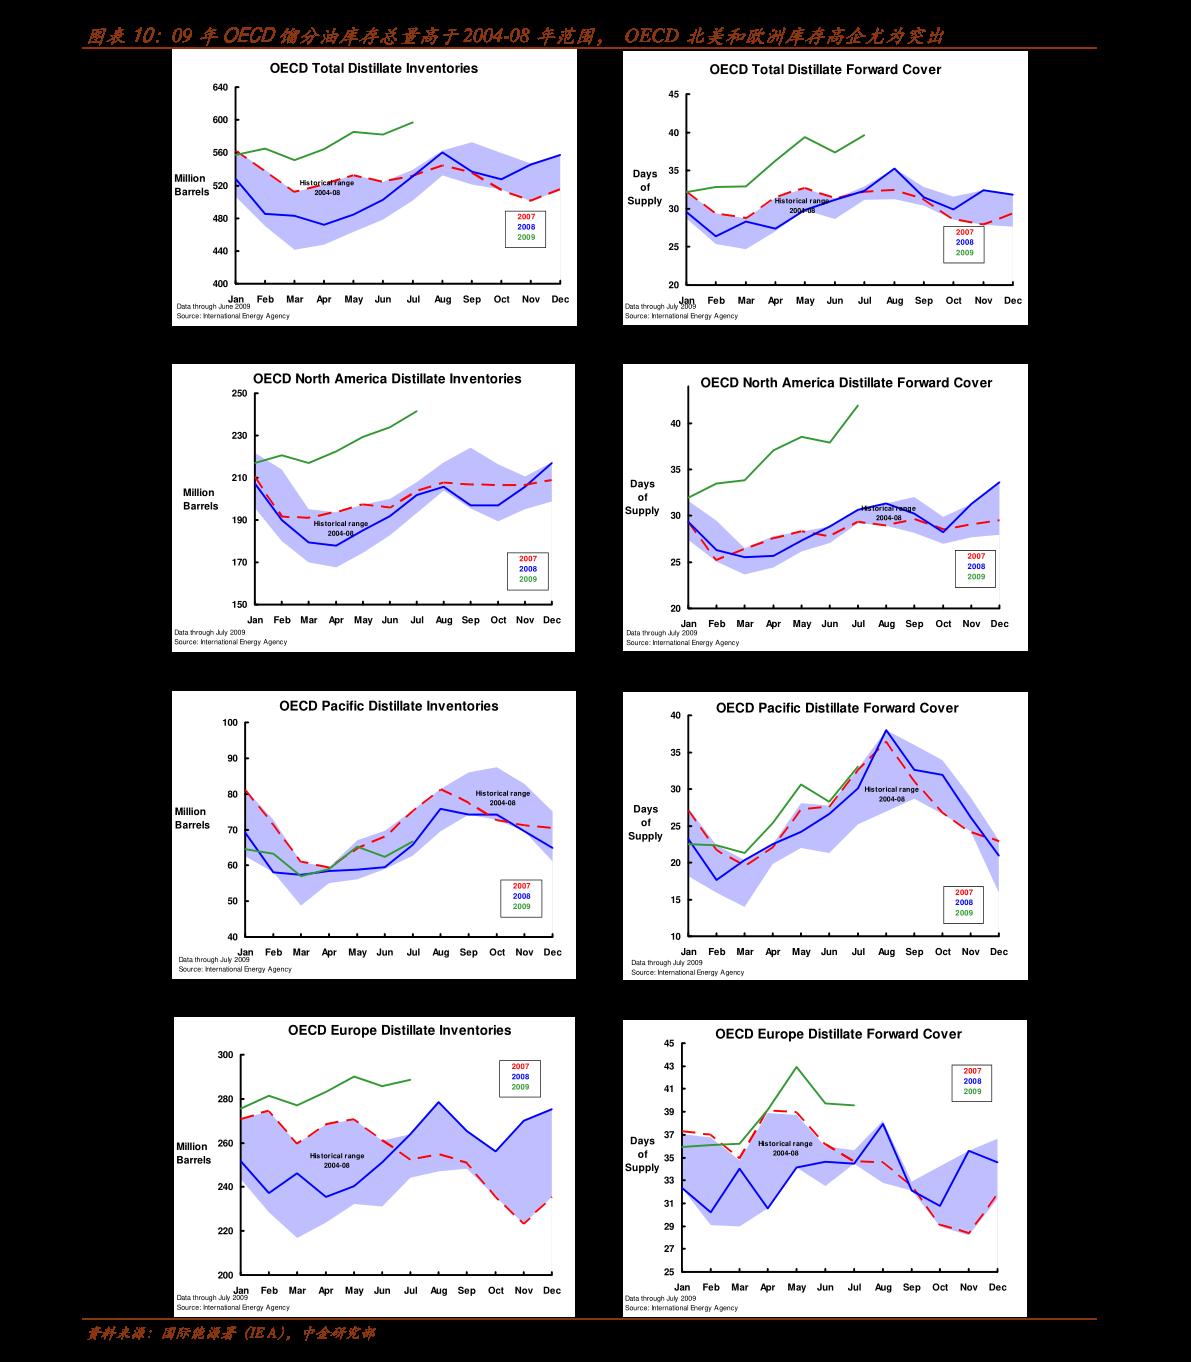 华金雷火电竞平台-事件点评:新增社融低于预期,信用债的冲击依然持续-210112